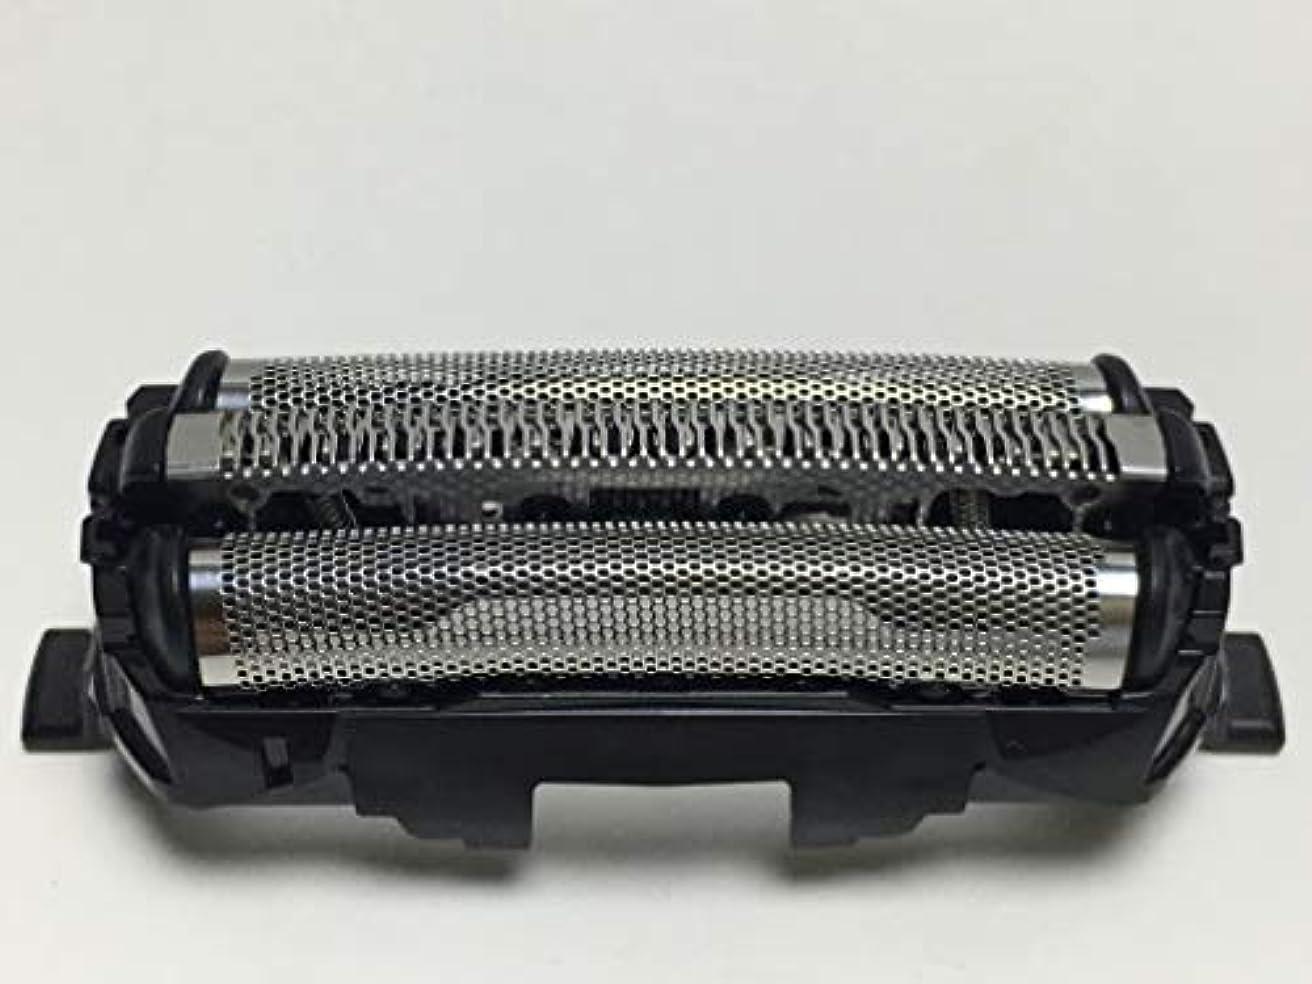 アナニバーまだ延期する剃刀ヘッドブレードネット パナソニック PANASONIC ES-RT33 ES-SL31 ES-RT34 ES-RT36 ES-RT37 ES-RT47 交換用外箔 Shaver Razor head Outer Foil